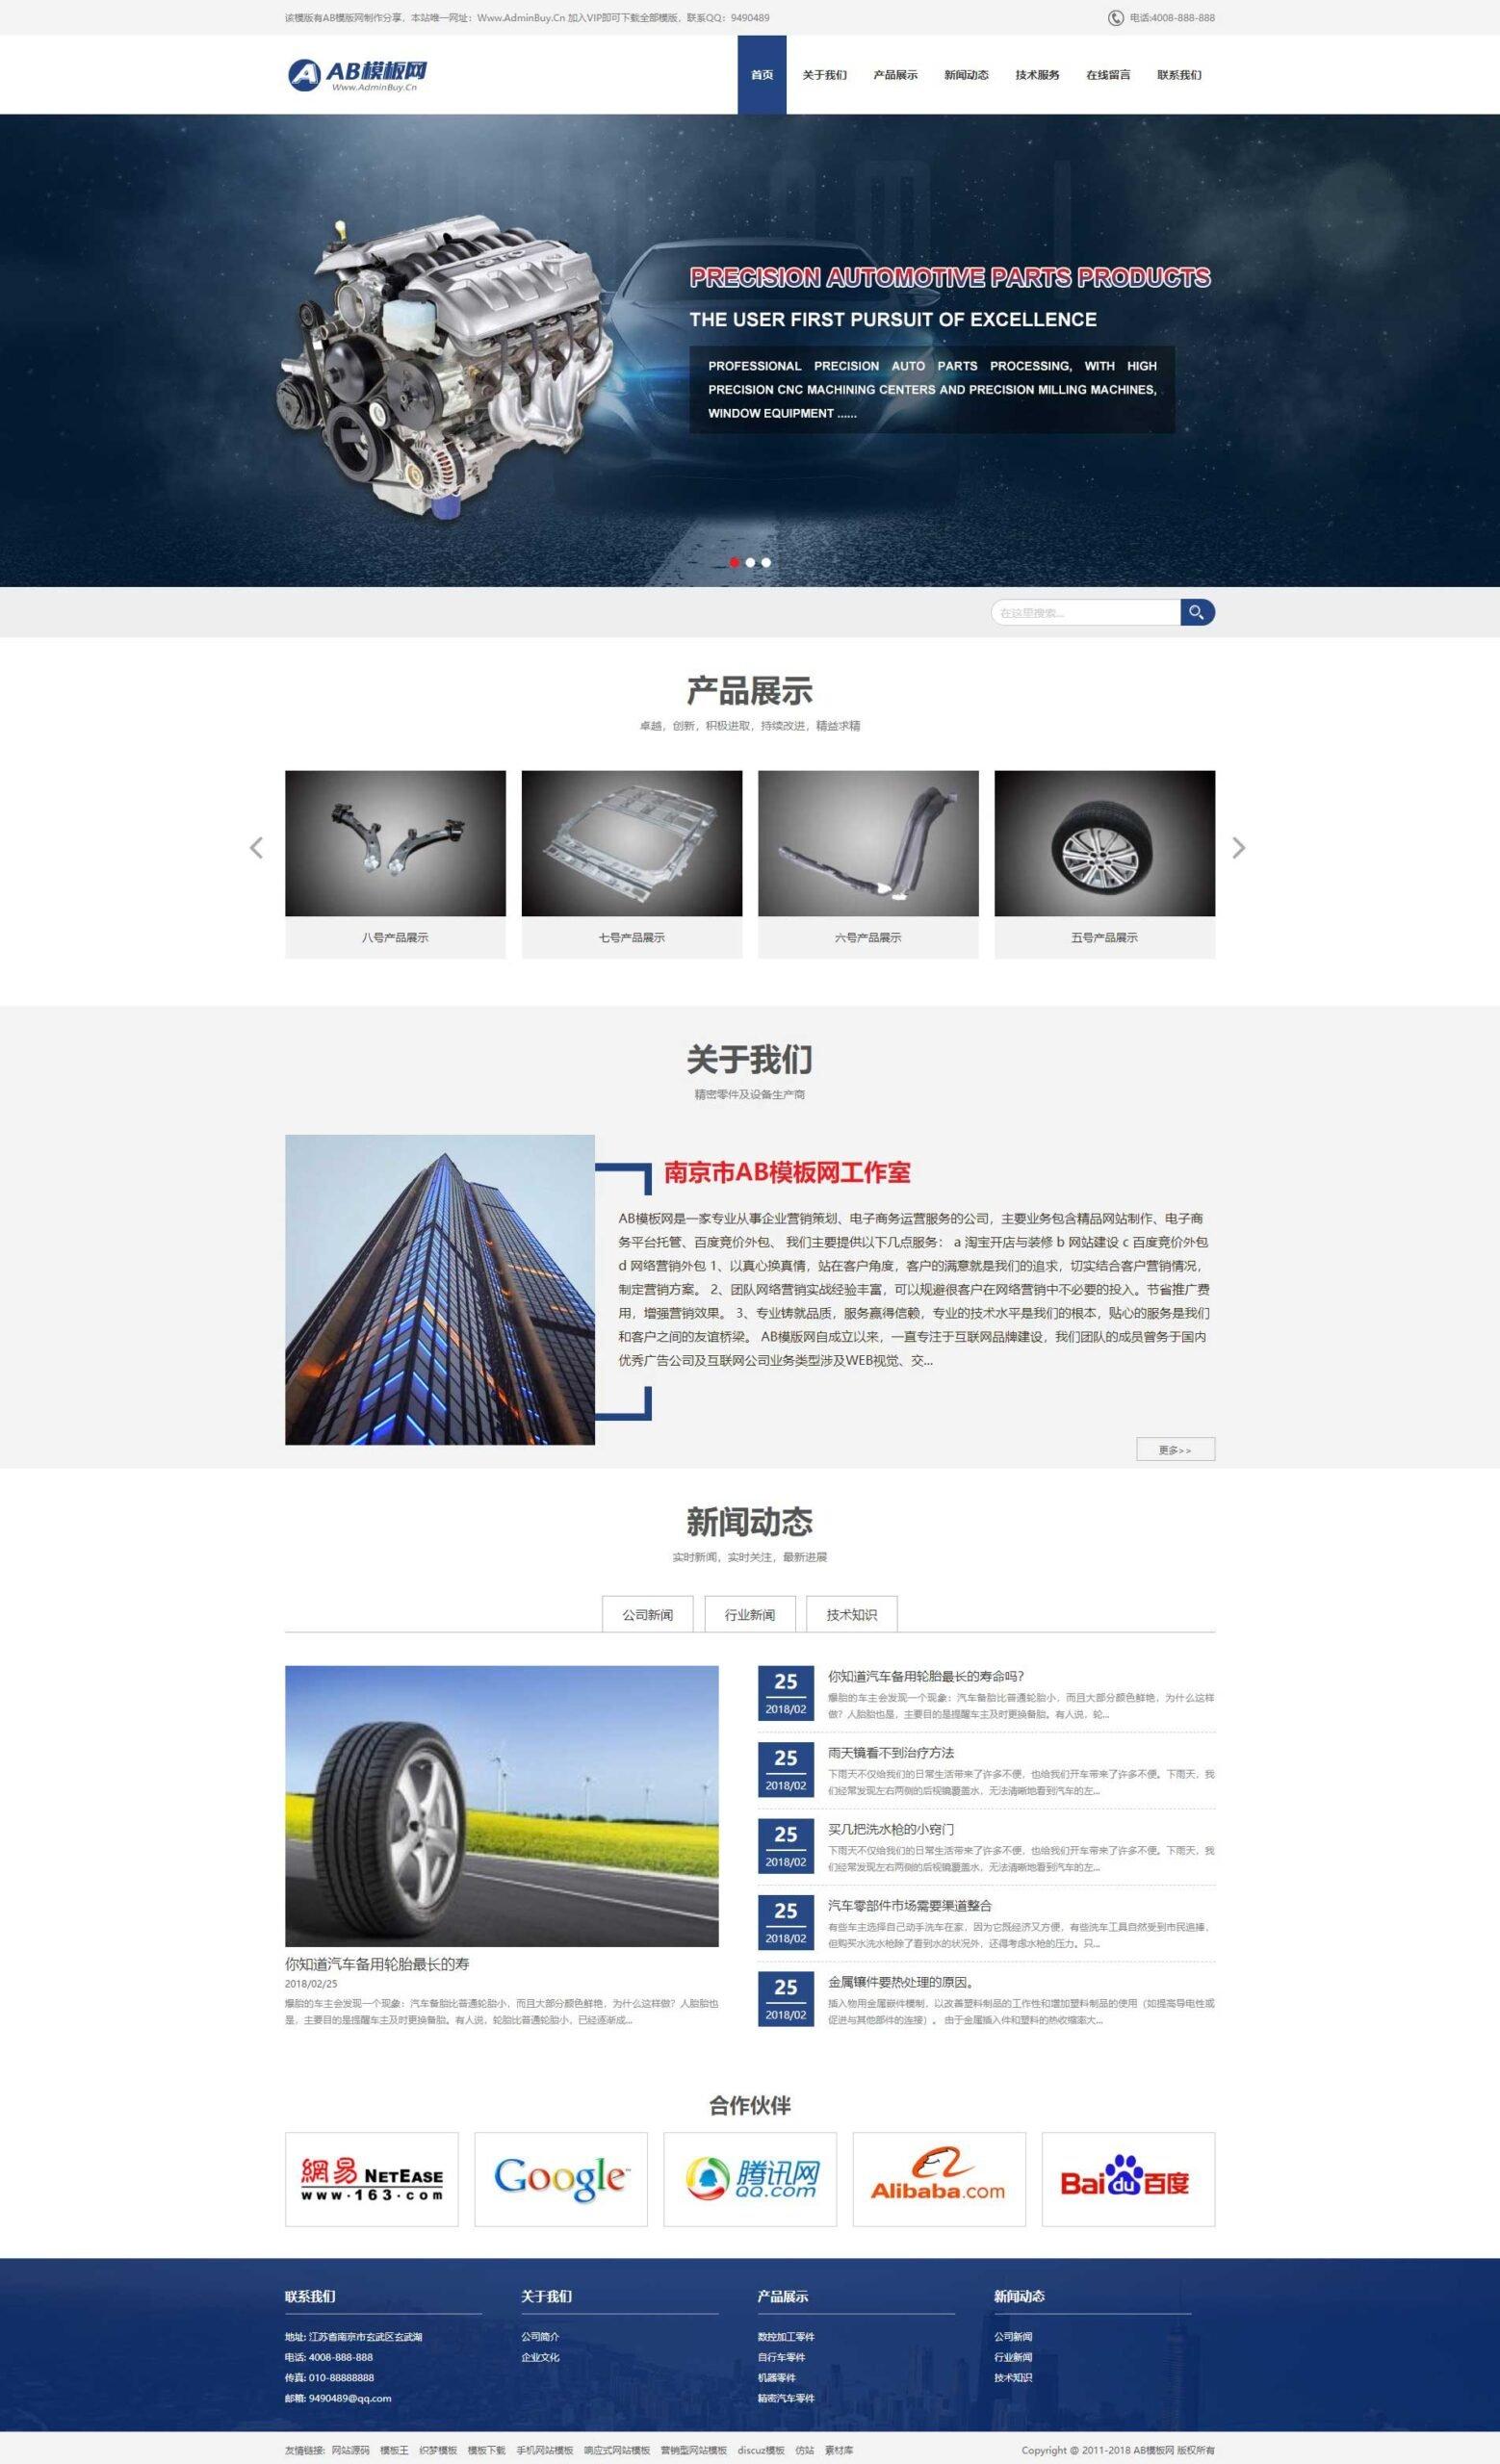 汽车维修配件企业网站织梦dede模板源码[自适应手机版]插图